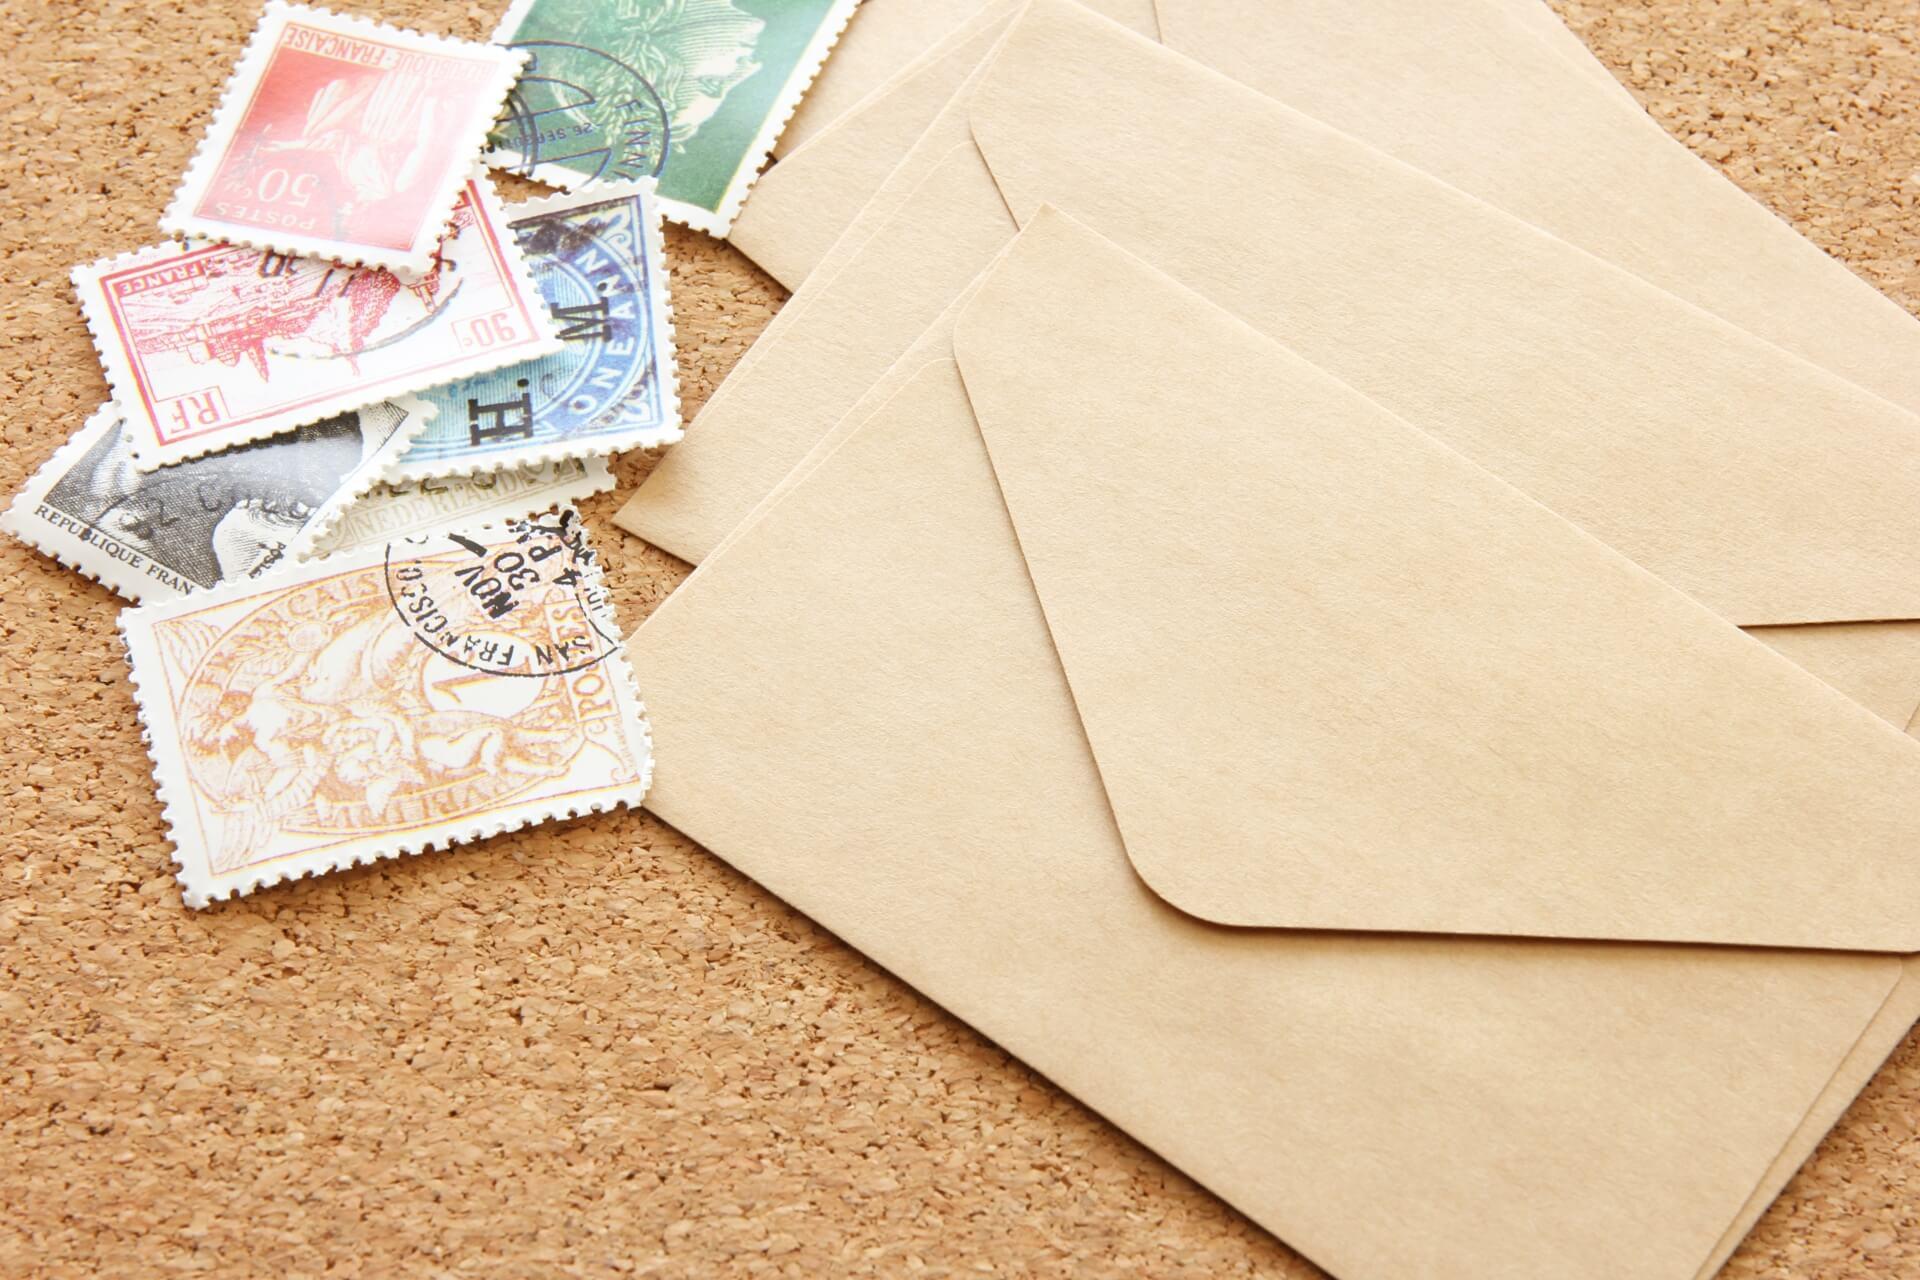 招待状 切手代は82円では届かない!?